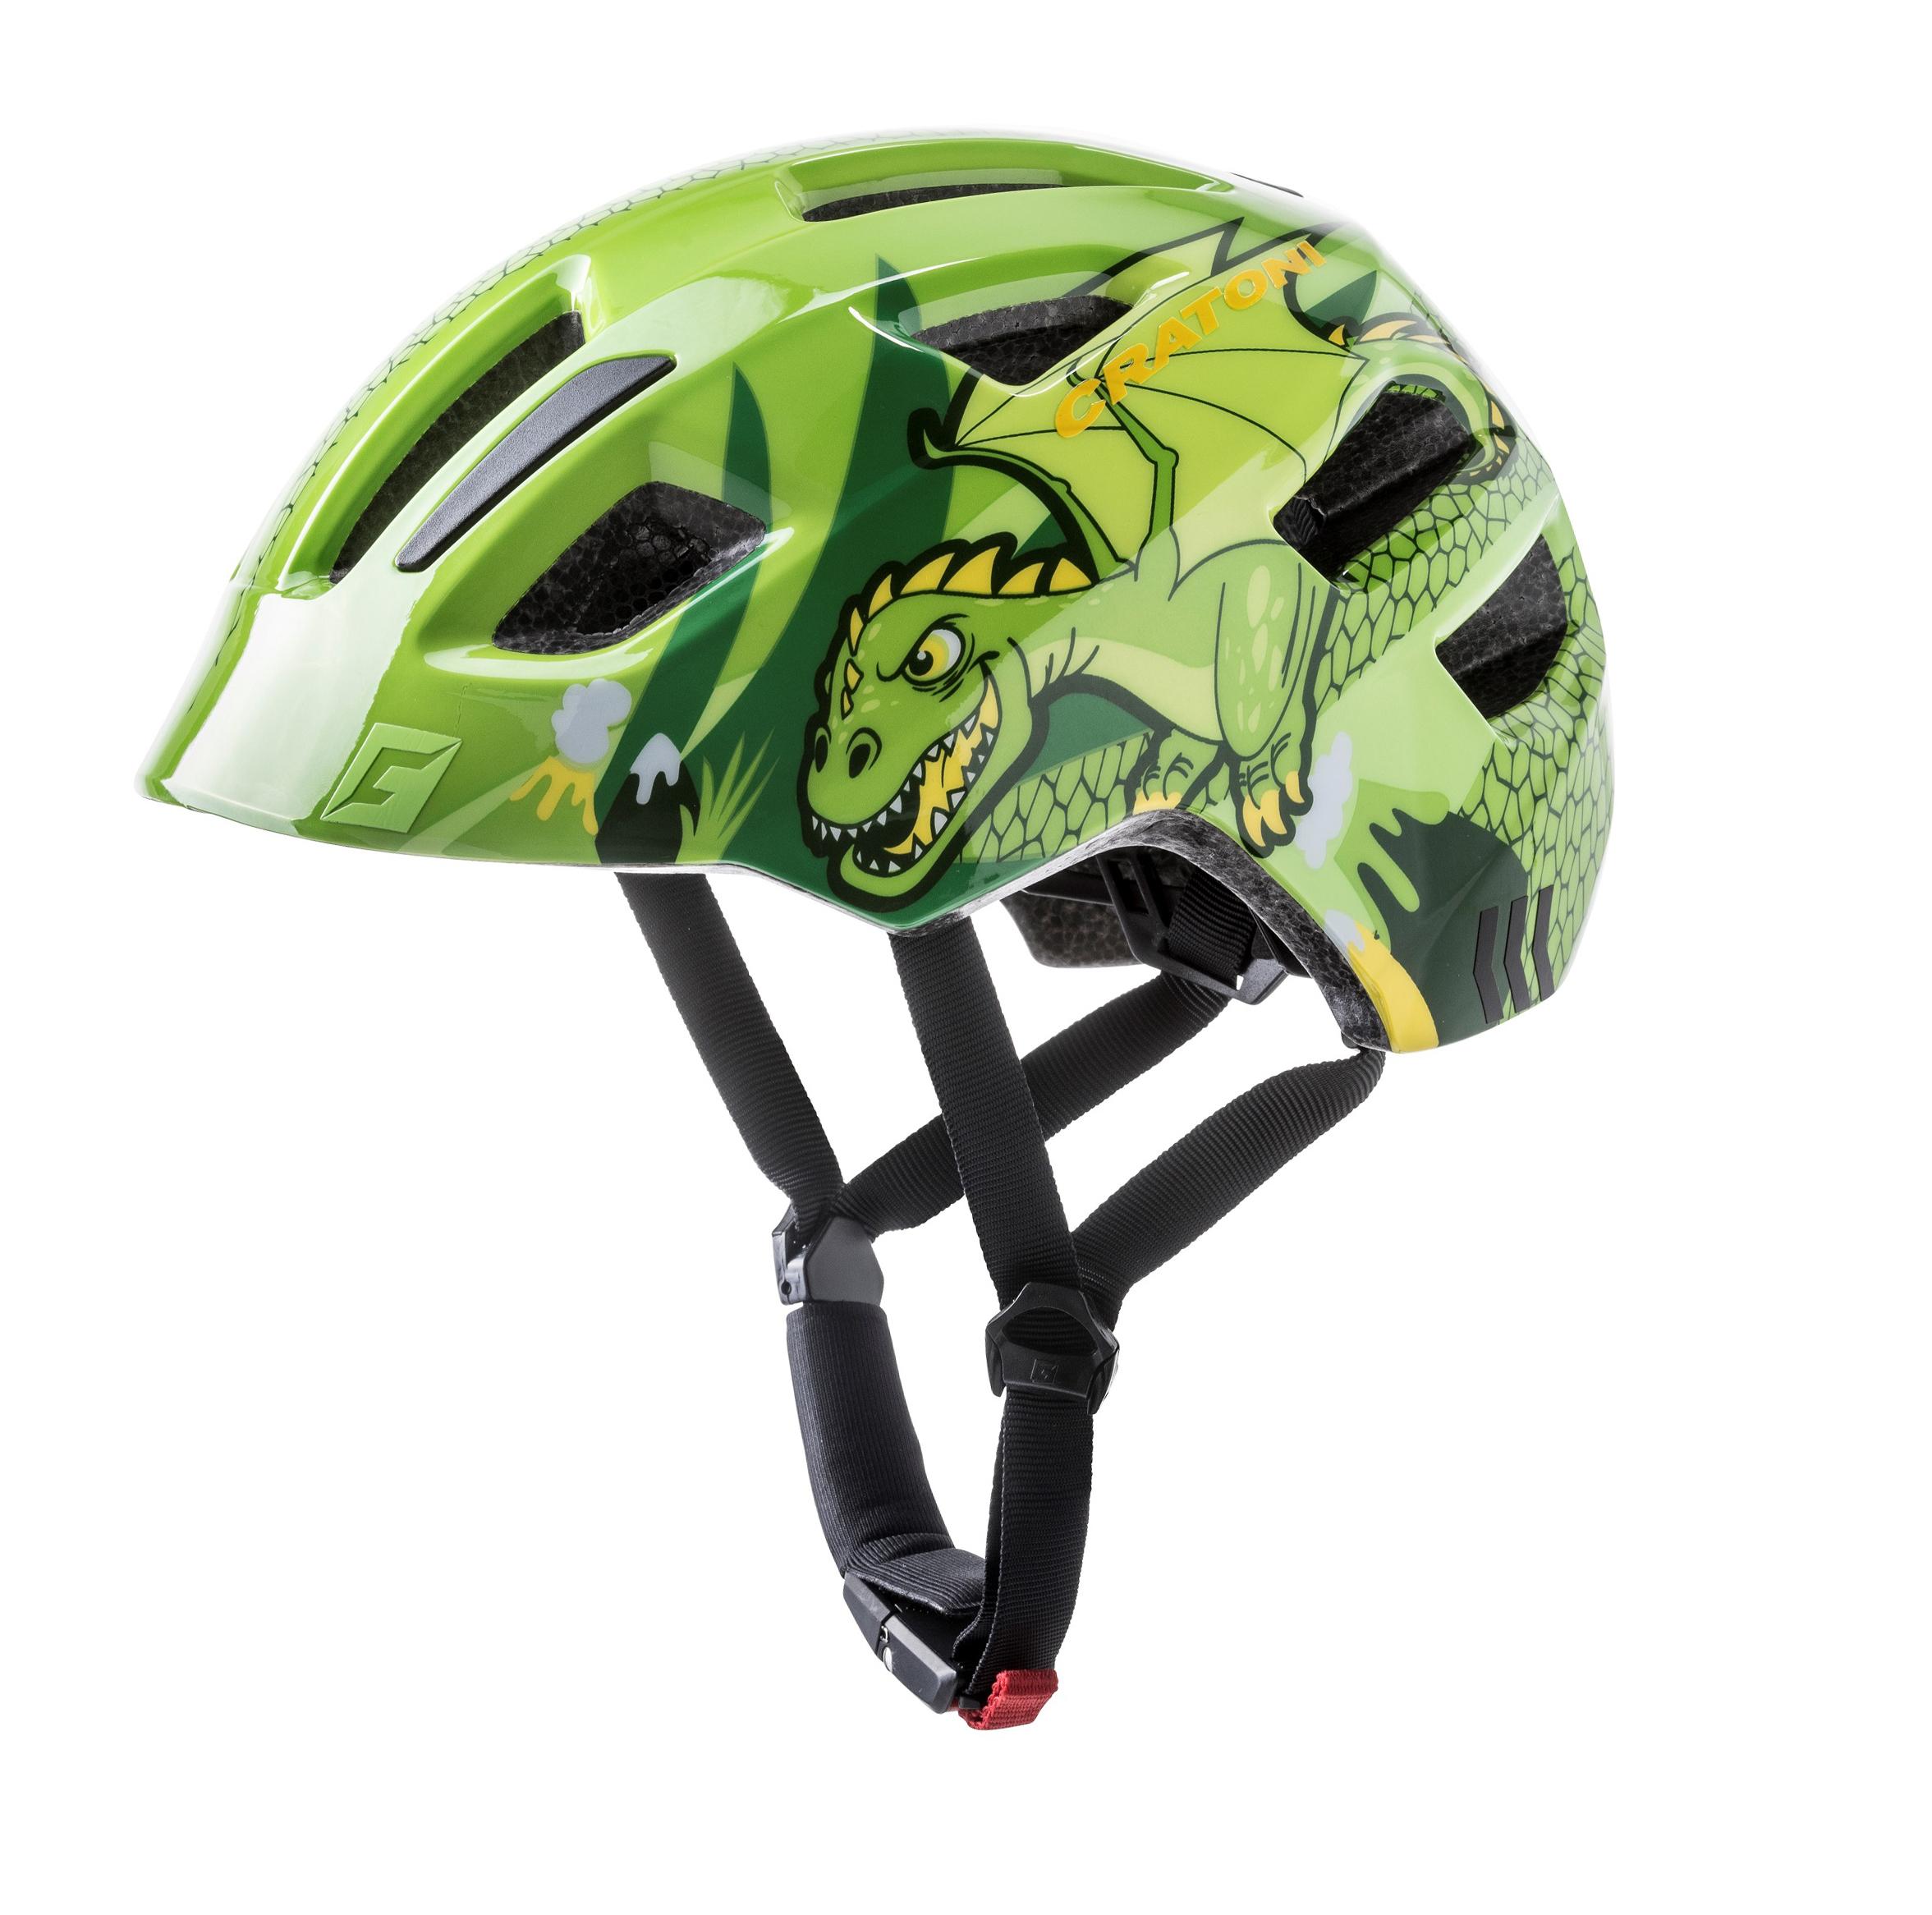 Prilba CRATONI MAXSTER | green dragon glossy